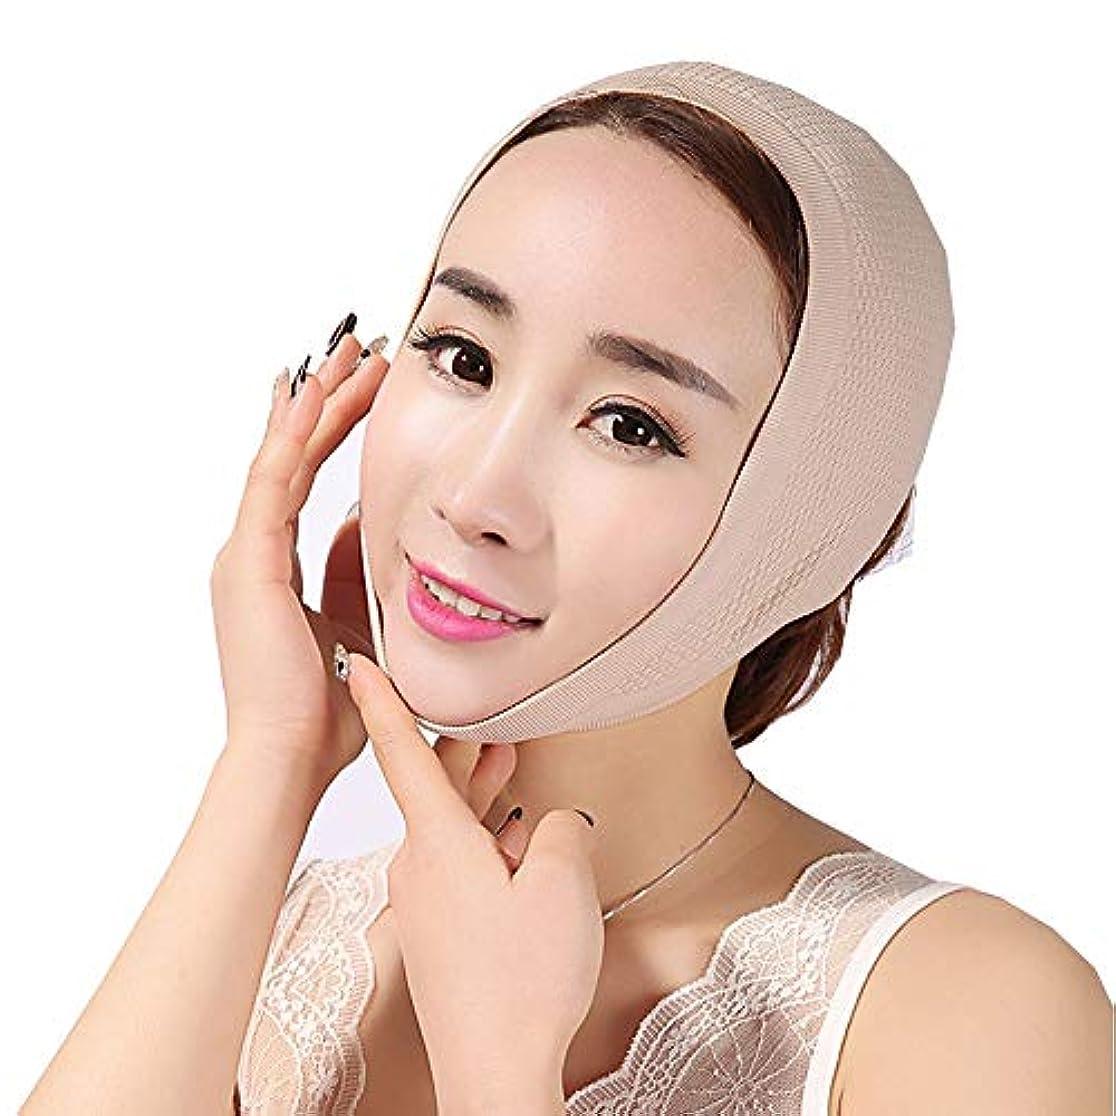 る瞑想補助金Jia Jia- フェイスマスクで眠る薄い顔フェイスリフトフェイスリフトアーティファクトスモールフェイスVフェイスリフト付きフェイスフェイス包帯引き上げジョーセット 顔面包帯